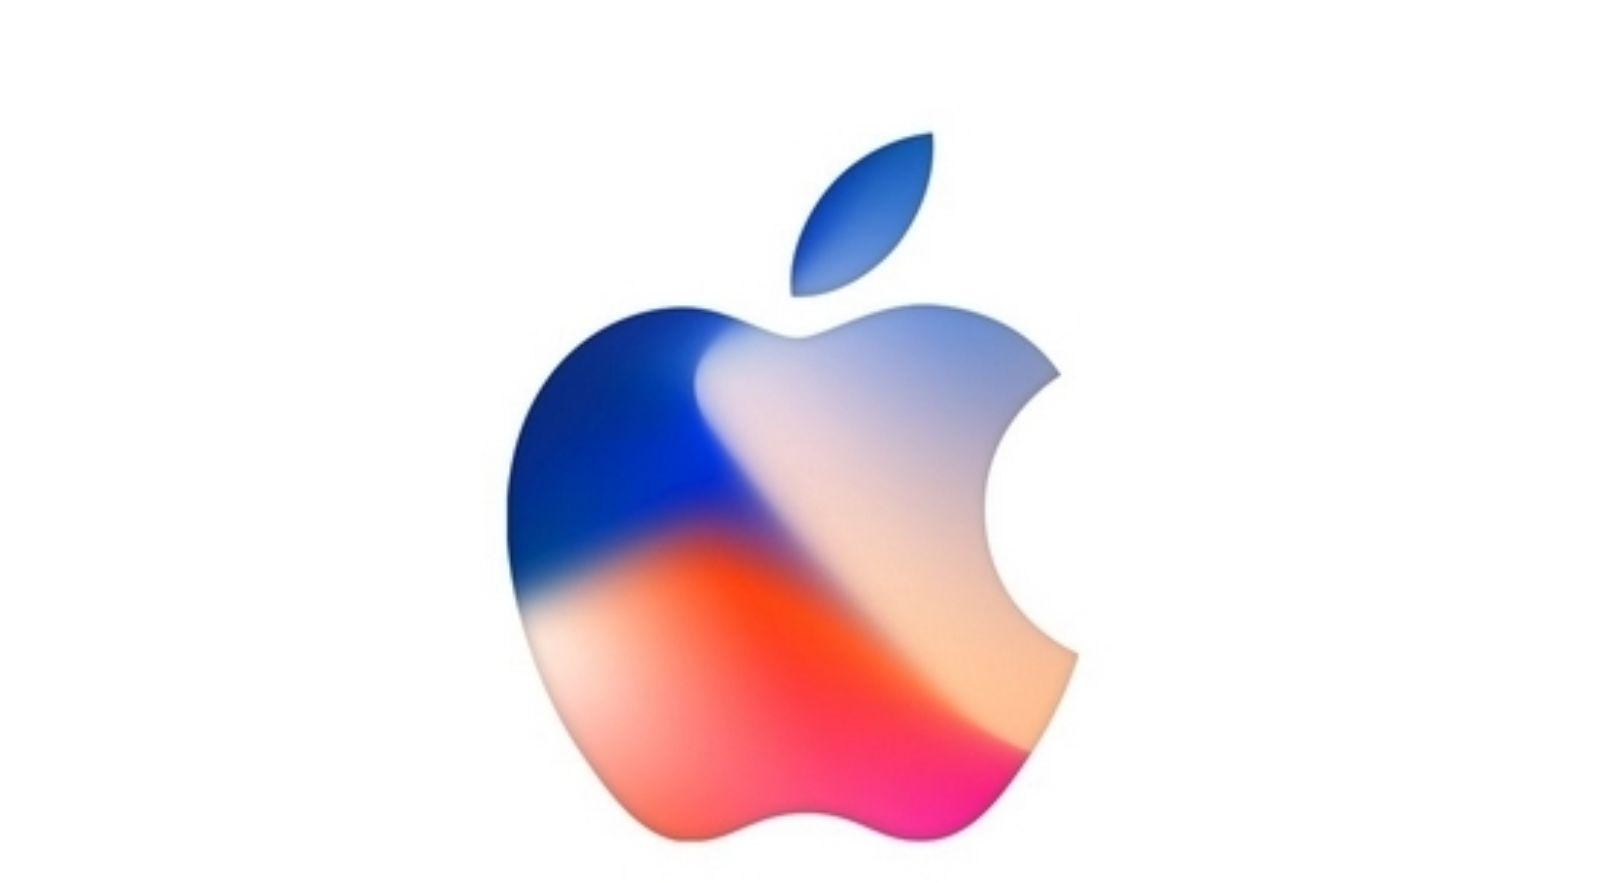 apples heißester herbst aller zeiten | lead